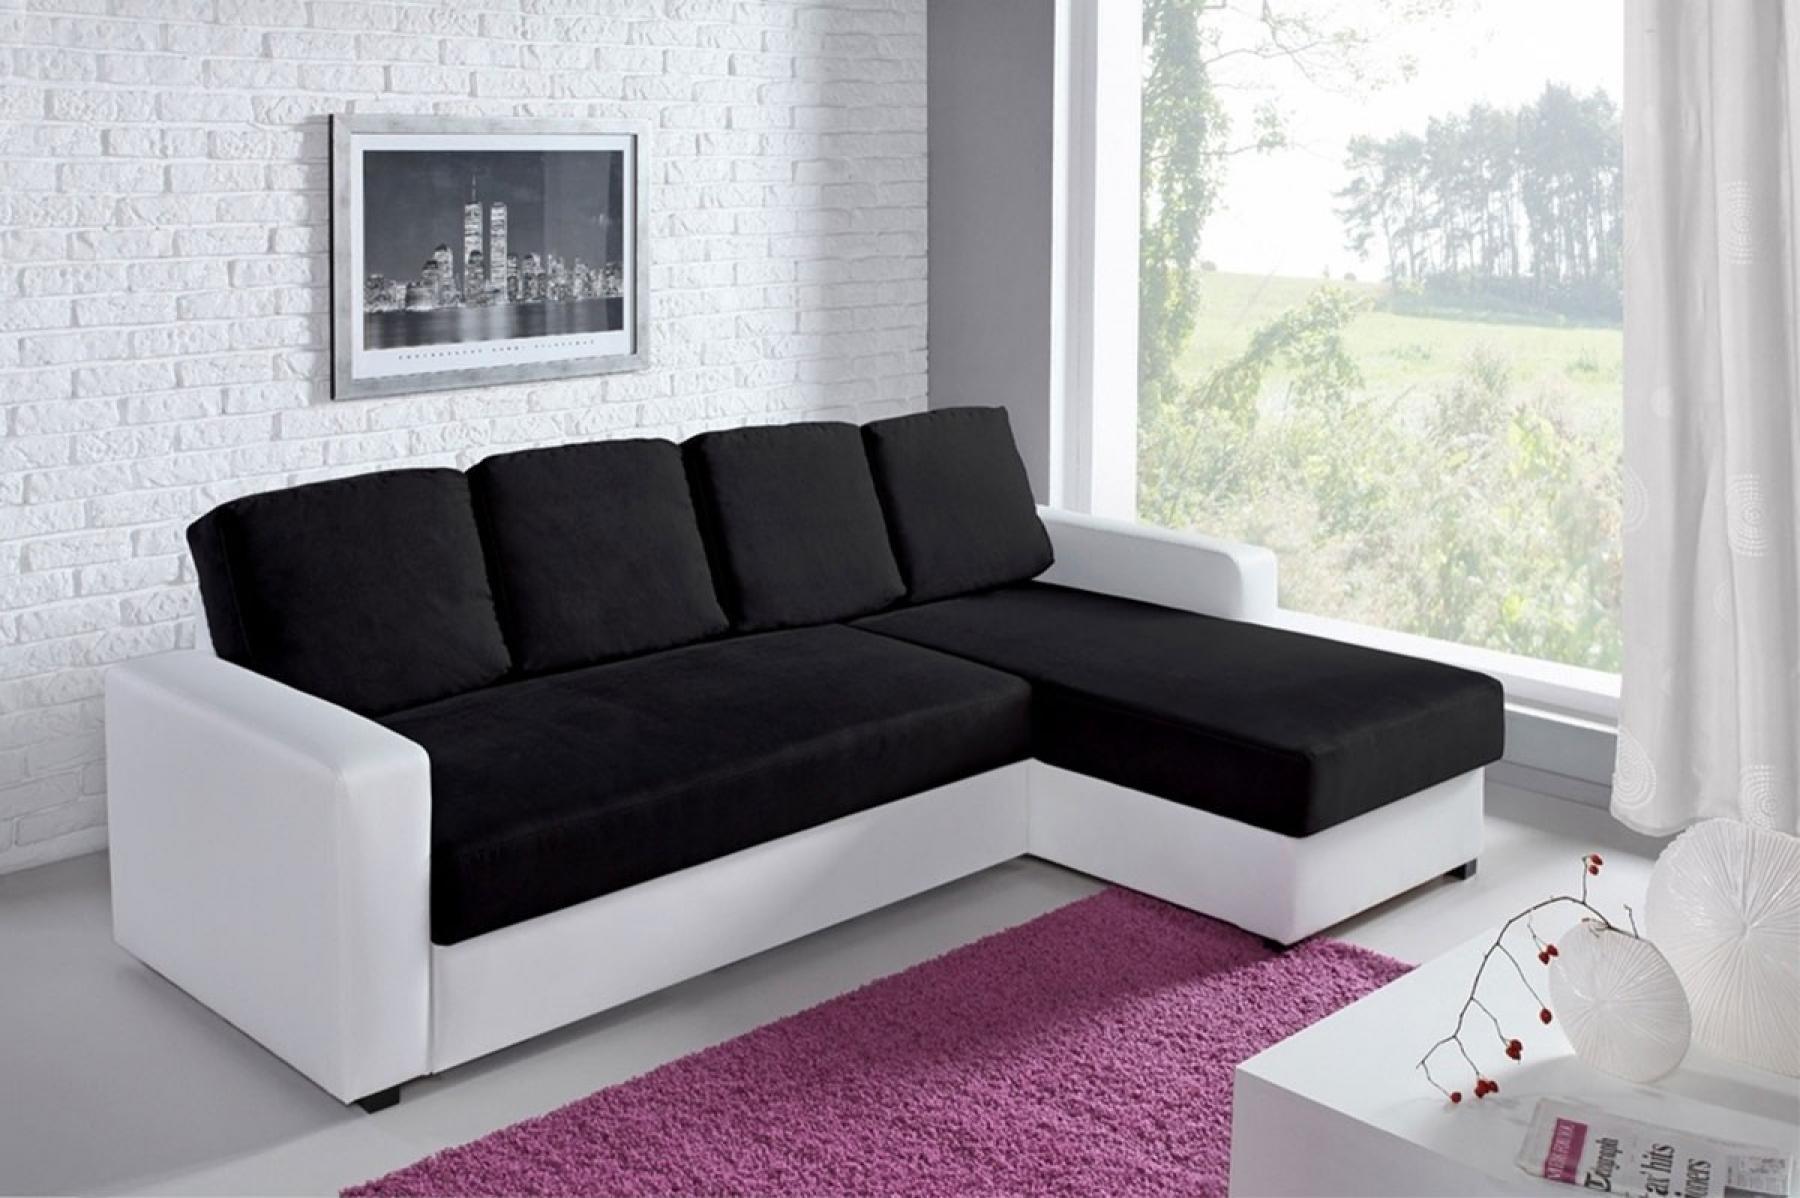 photos canap noir et blanc convertible. Black Bedroom Furniture Sets. Home Design Ideas